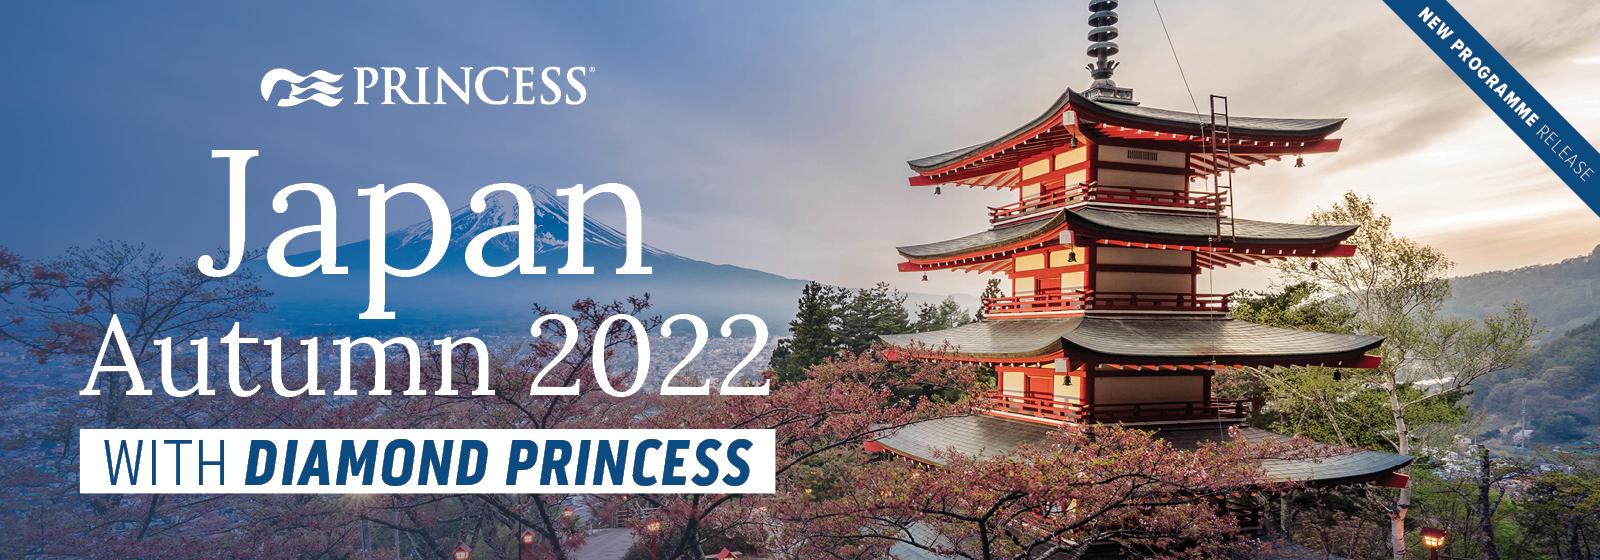 princess-japan-autumn